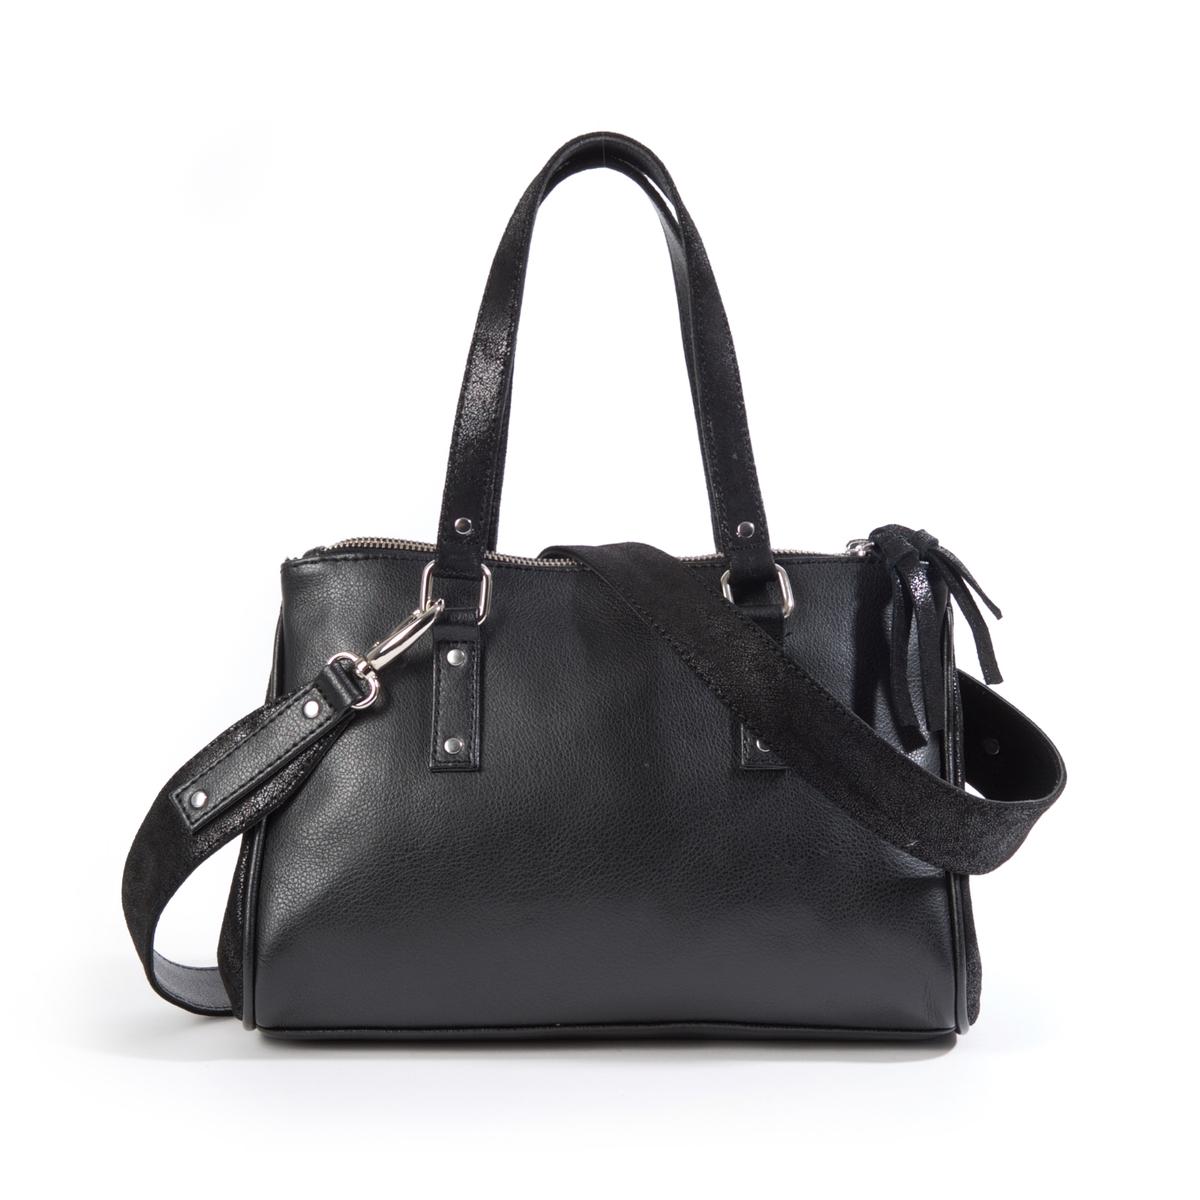 Сумка-шопперПрактичная сумка-шоппер с металлическими люверсами в стиле рок очень вместительна. Состав и описание : Материал : верх из синтетики             подкладка из текстиляРазмеры : 40 x 26 x 10 смЗастежка : молния1 карман на молнии и 2 кармана для мобильного телефона<br><br>Цвет: черный